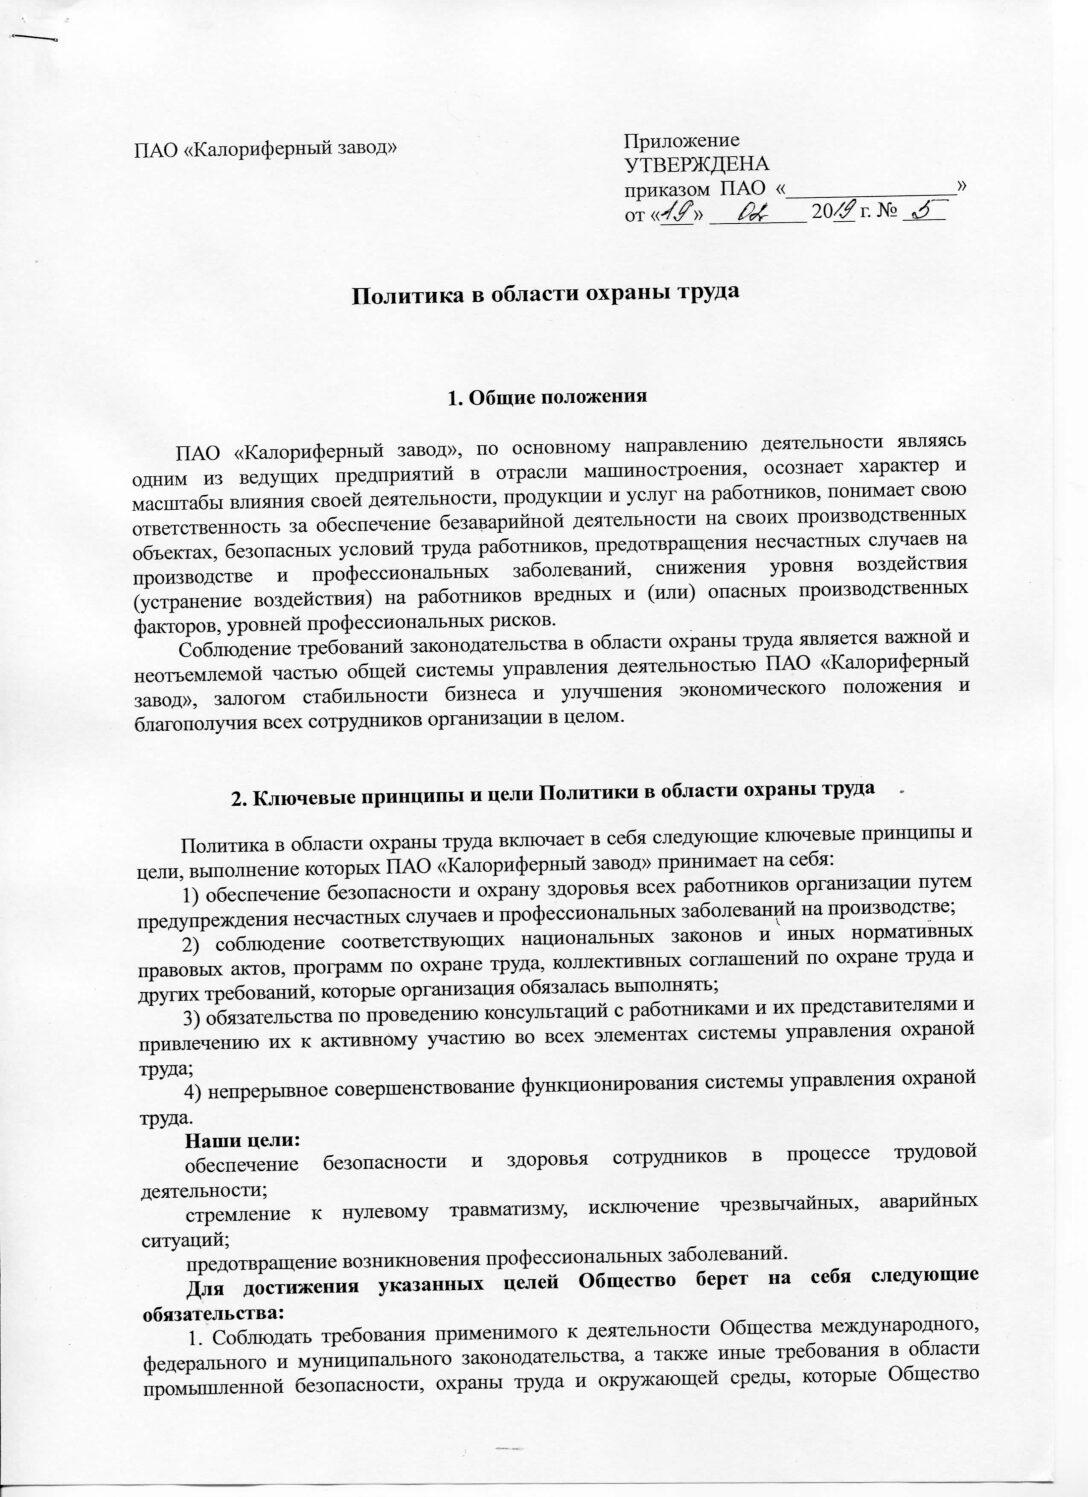 Политика в области охраны труда от 19.02.2019 года №5.